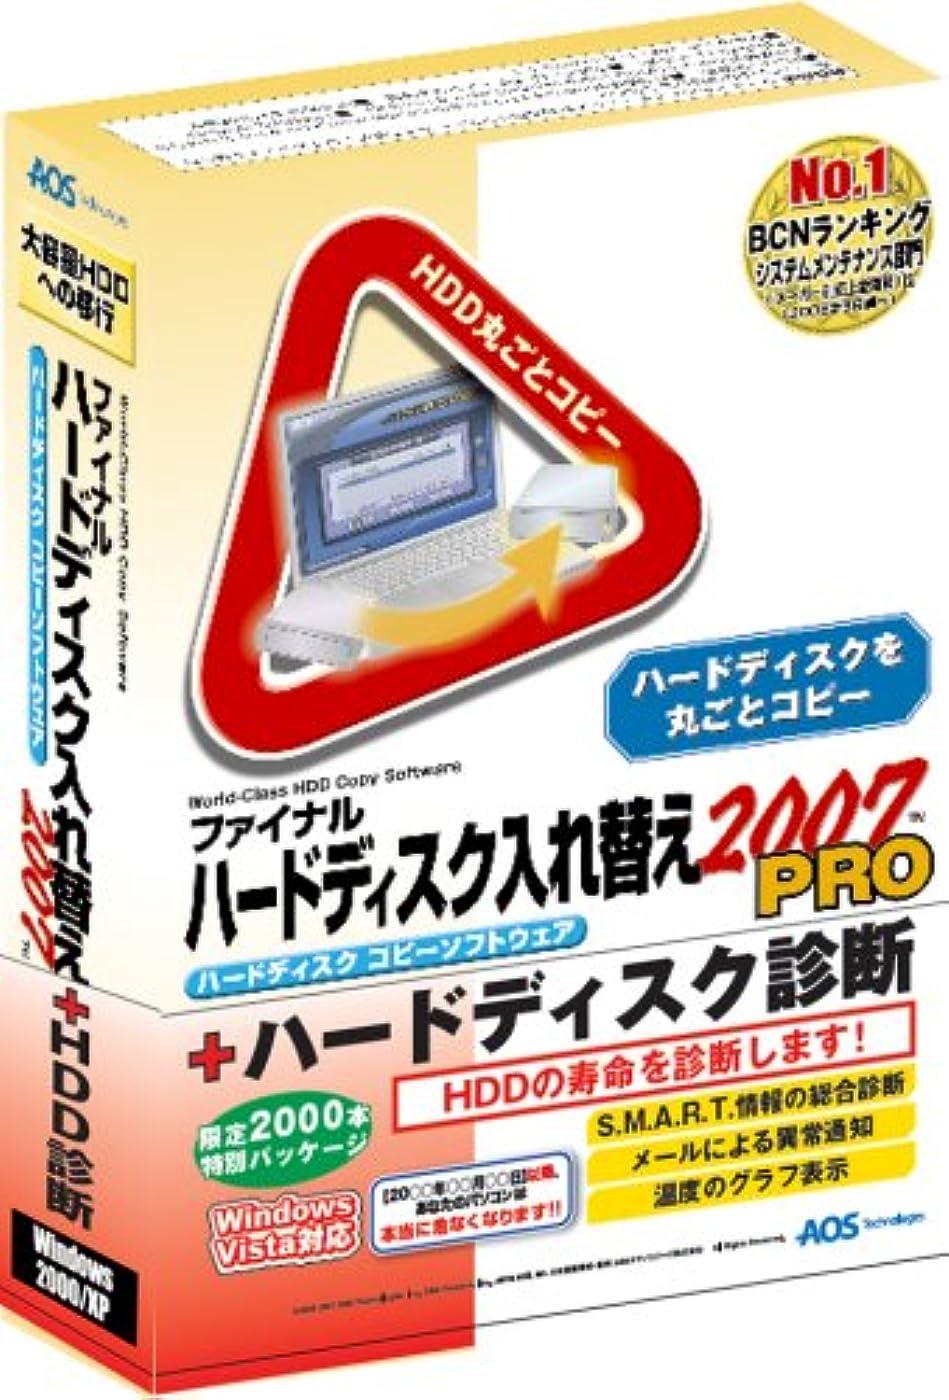 フェミニン浸食鈍い【旧商品】ファイナルハードディスク入れ替え+ハードディスク診断